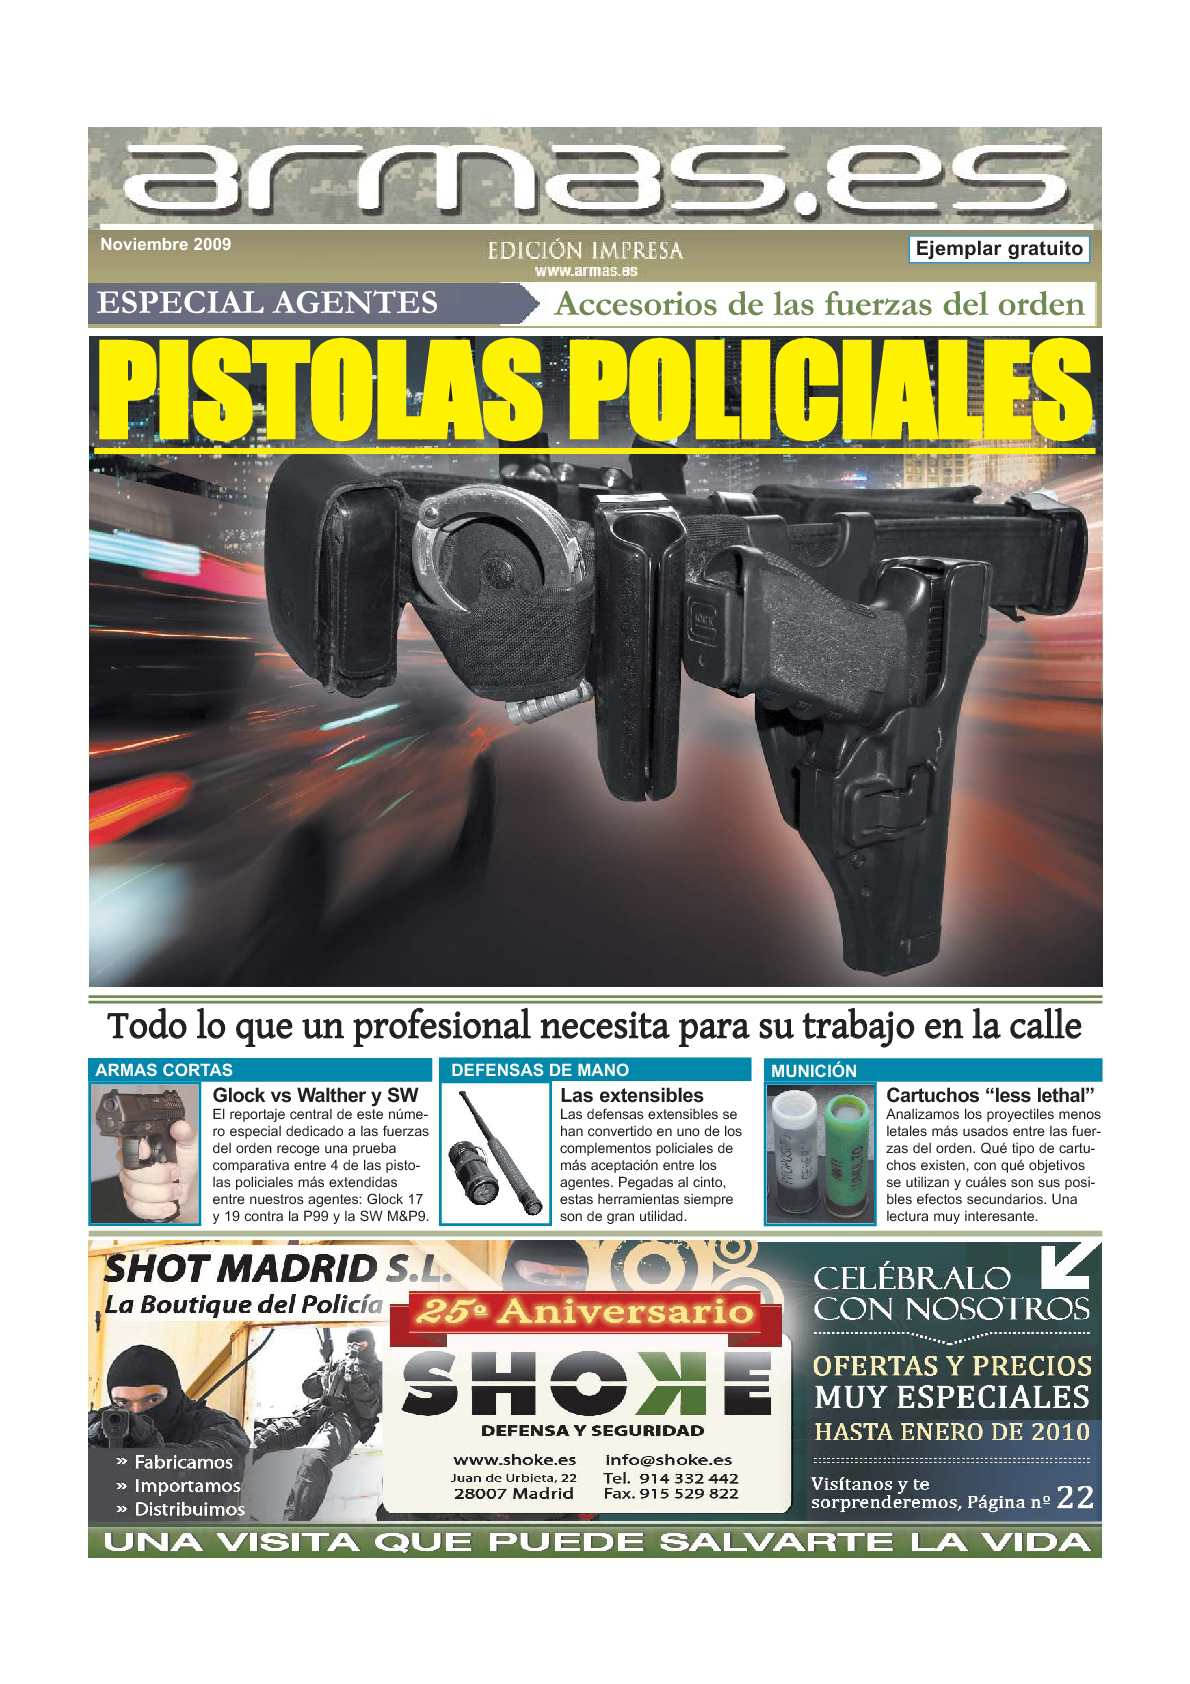 Calaméo - Armas.es Especial Fuerzas del Orden - Pistolas Policiales